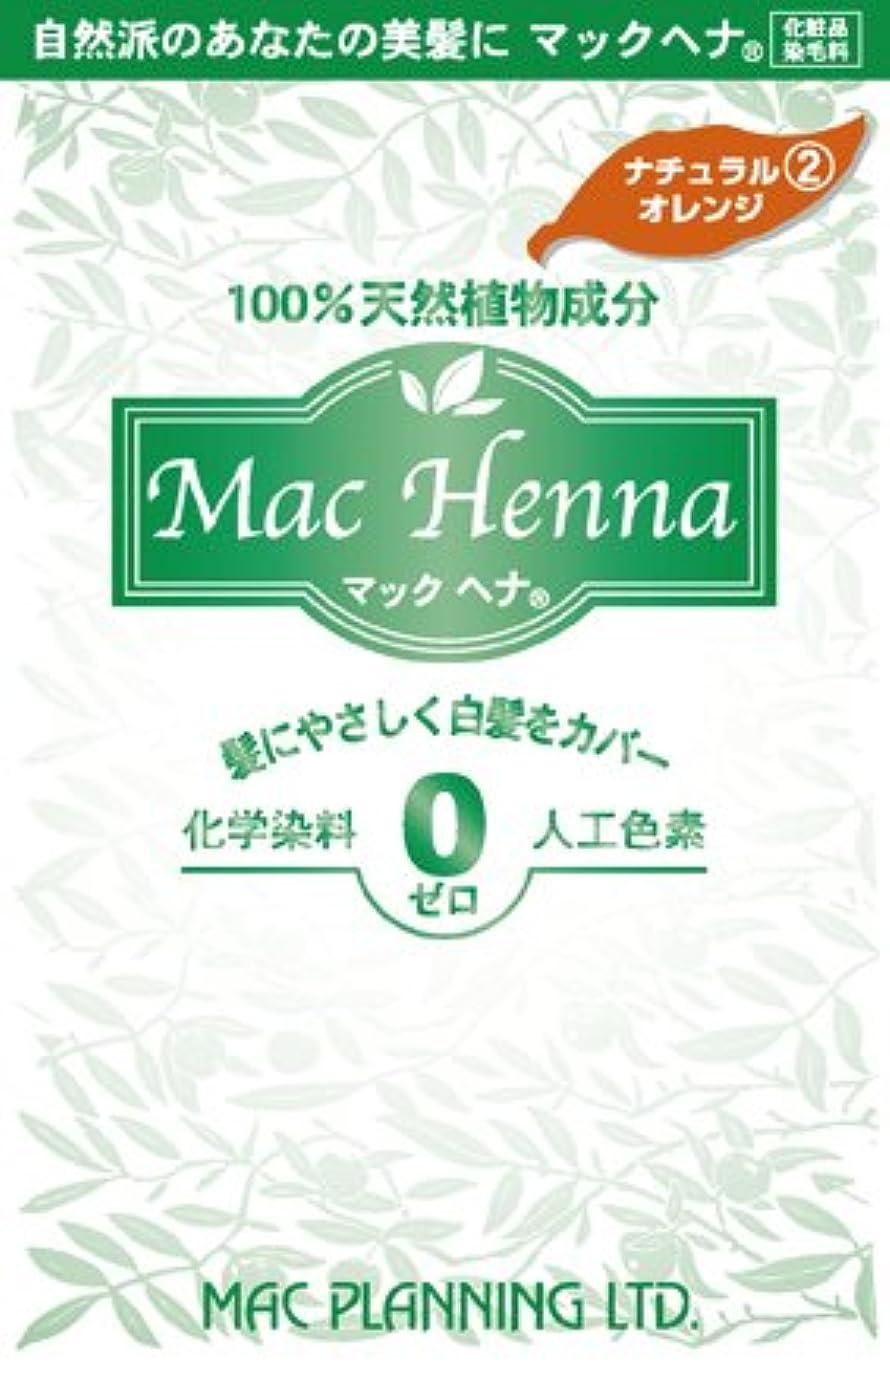 米ドル言い聞かせるしなやか天然植物原料100% 無添加 マックヘナ(ナチュラルオレンジ)‐2 100g 6箱セット